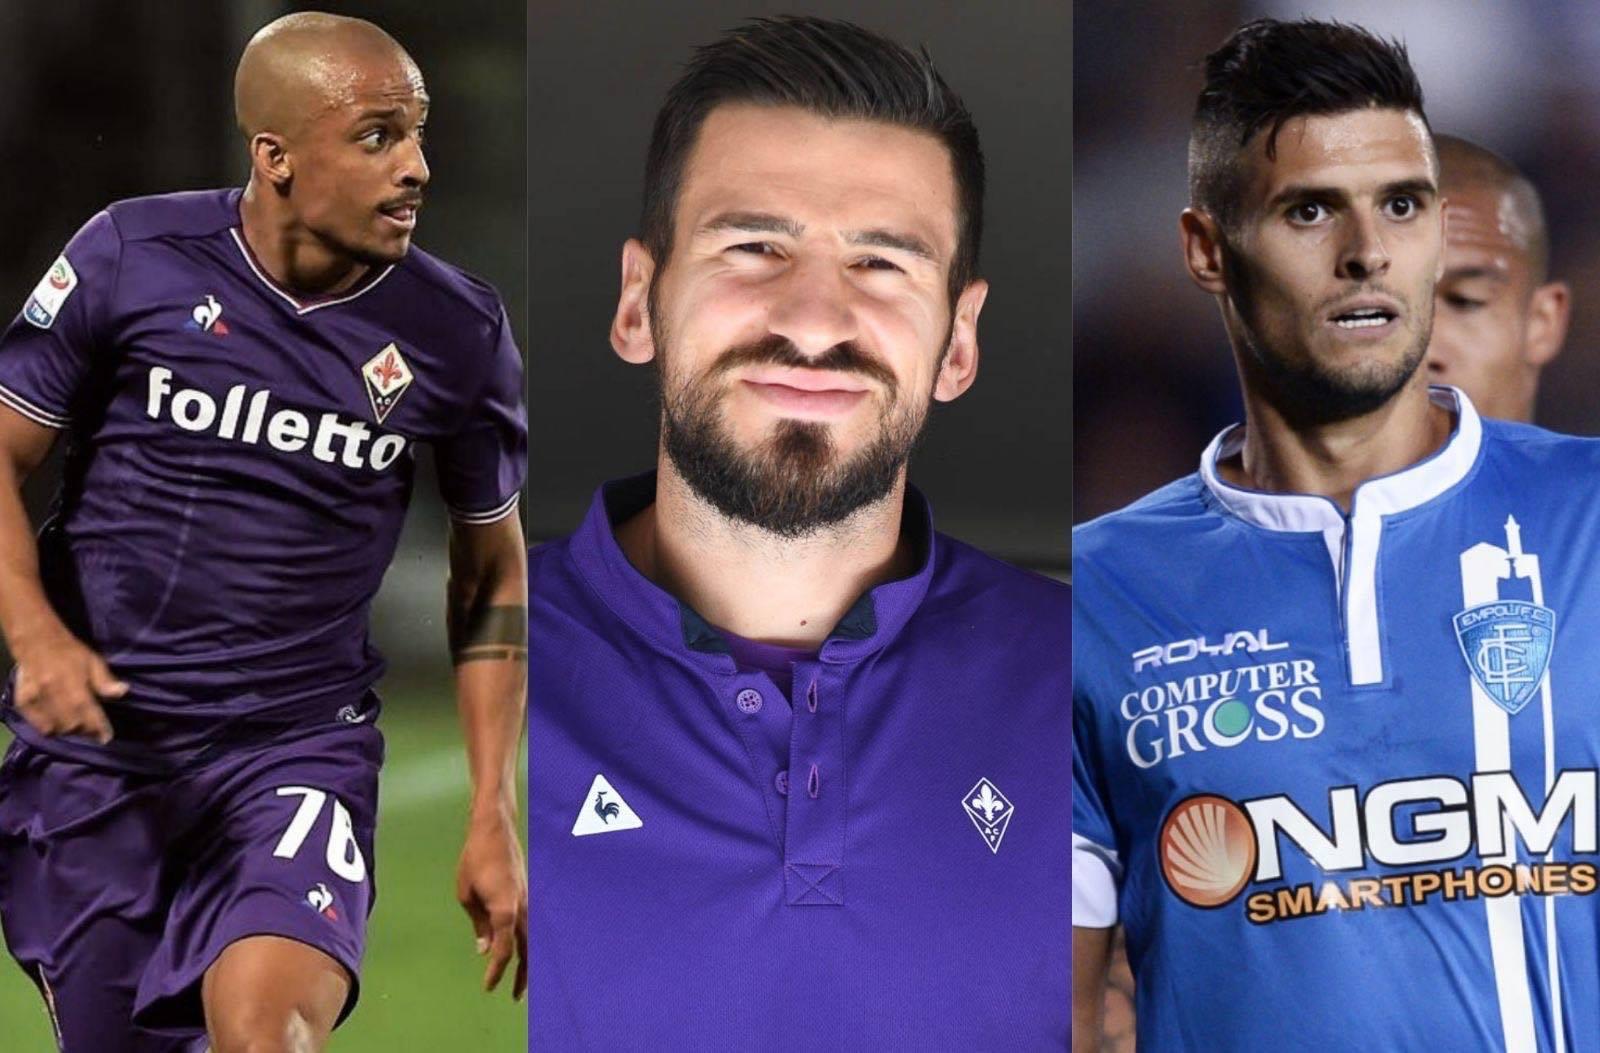 Gazzetta, la Fiorentina e la maledizione del terzino destro. Adesso tocca a Laurini con Bruno Gaspar